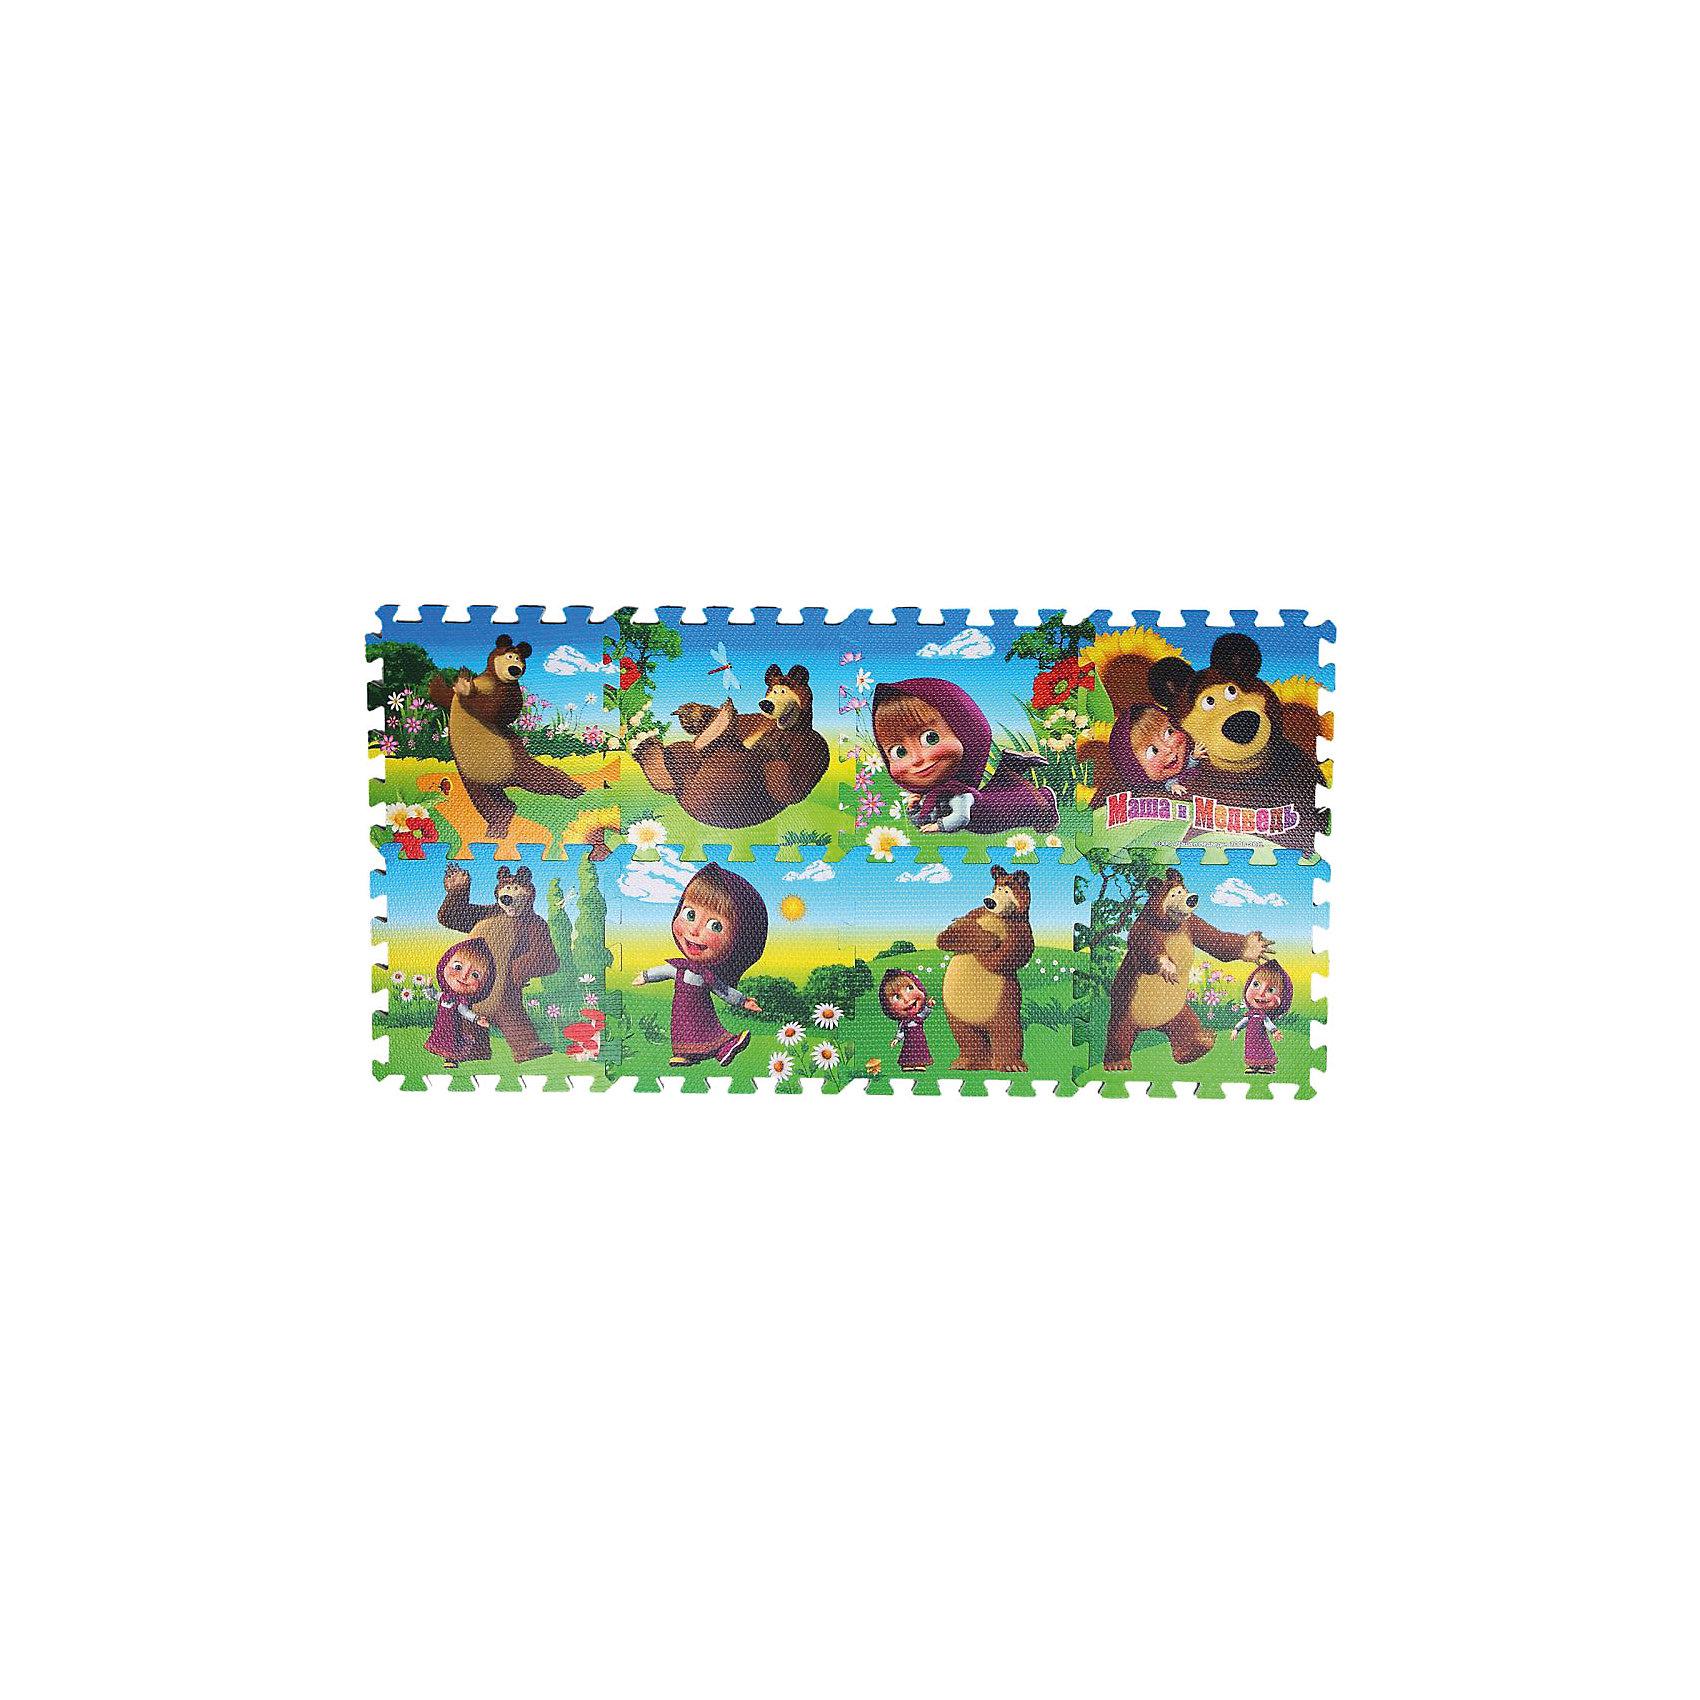 Коврик-пазл Маша и медведь, 8 сегментовМозаика<br>Безопасный и комфортный игровой коврик из пористого прорезиненного материала. Можно использовать на природе. <br>Коврик развивает пространственное мышление, геометрические ассоциации<br><br>Дополнительная информация:<br><br>- коврик состоит из 8 сегментов, на каждом красочная картинка<br>- размер каждого сегмента 31,5*31,5*1см, можно собирать в любом порядке<br><br>Коврик-пазл Маша и медведь, 8 сегментов можно купить в нашем магазине.<br><br>Ширина мм: 310<br>Глубина мм: 80<br>Высота мм: 310<br>Вес г: 630<br>Возраст от месяцев: 12<br>Возраст до месяцев: 84<br>Пол: Унисекс<br>Возраст: Детский<br>SKU: 3315464